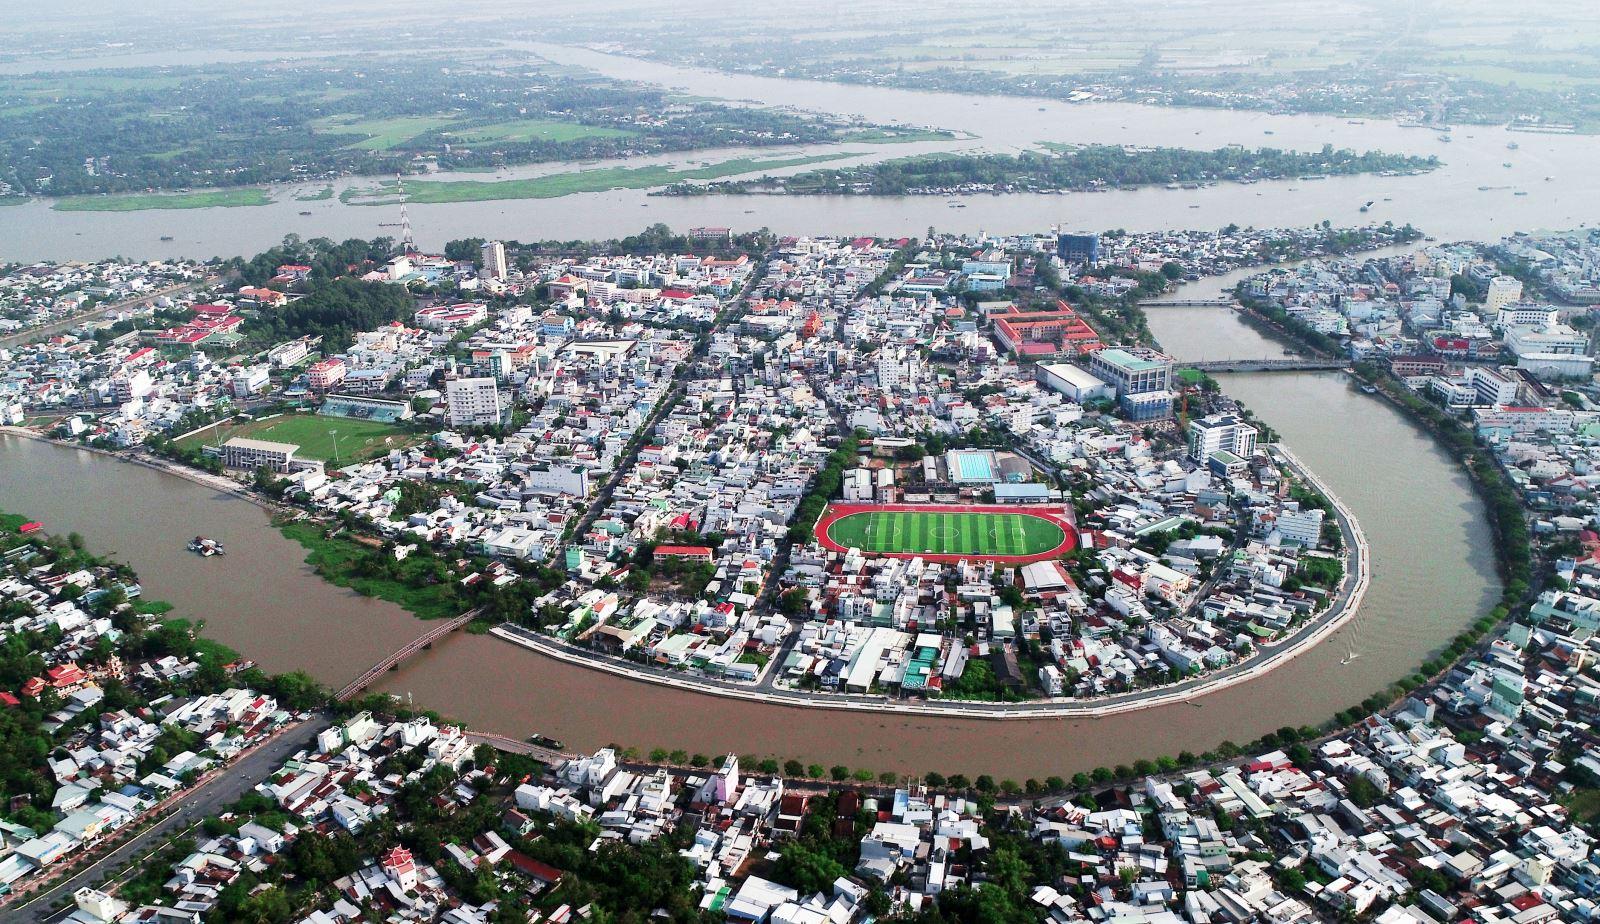 Kinh tế An Giang tiếp tục tăng trưởng mạnh trong năm 2021 | baotintuc.vn